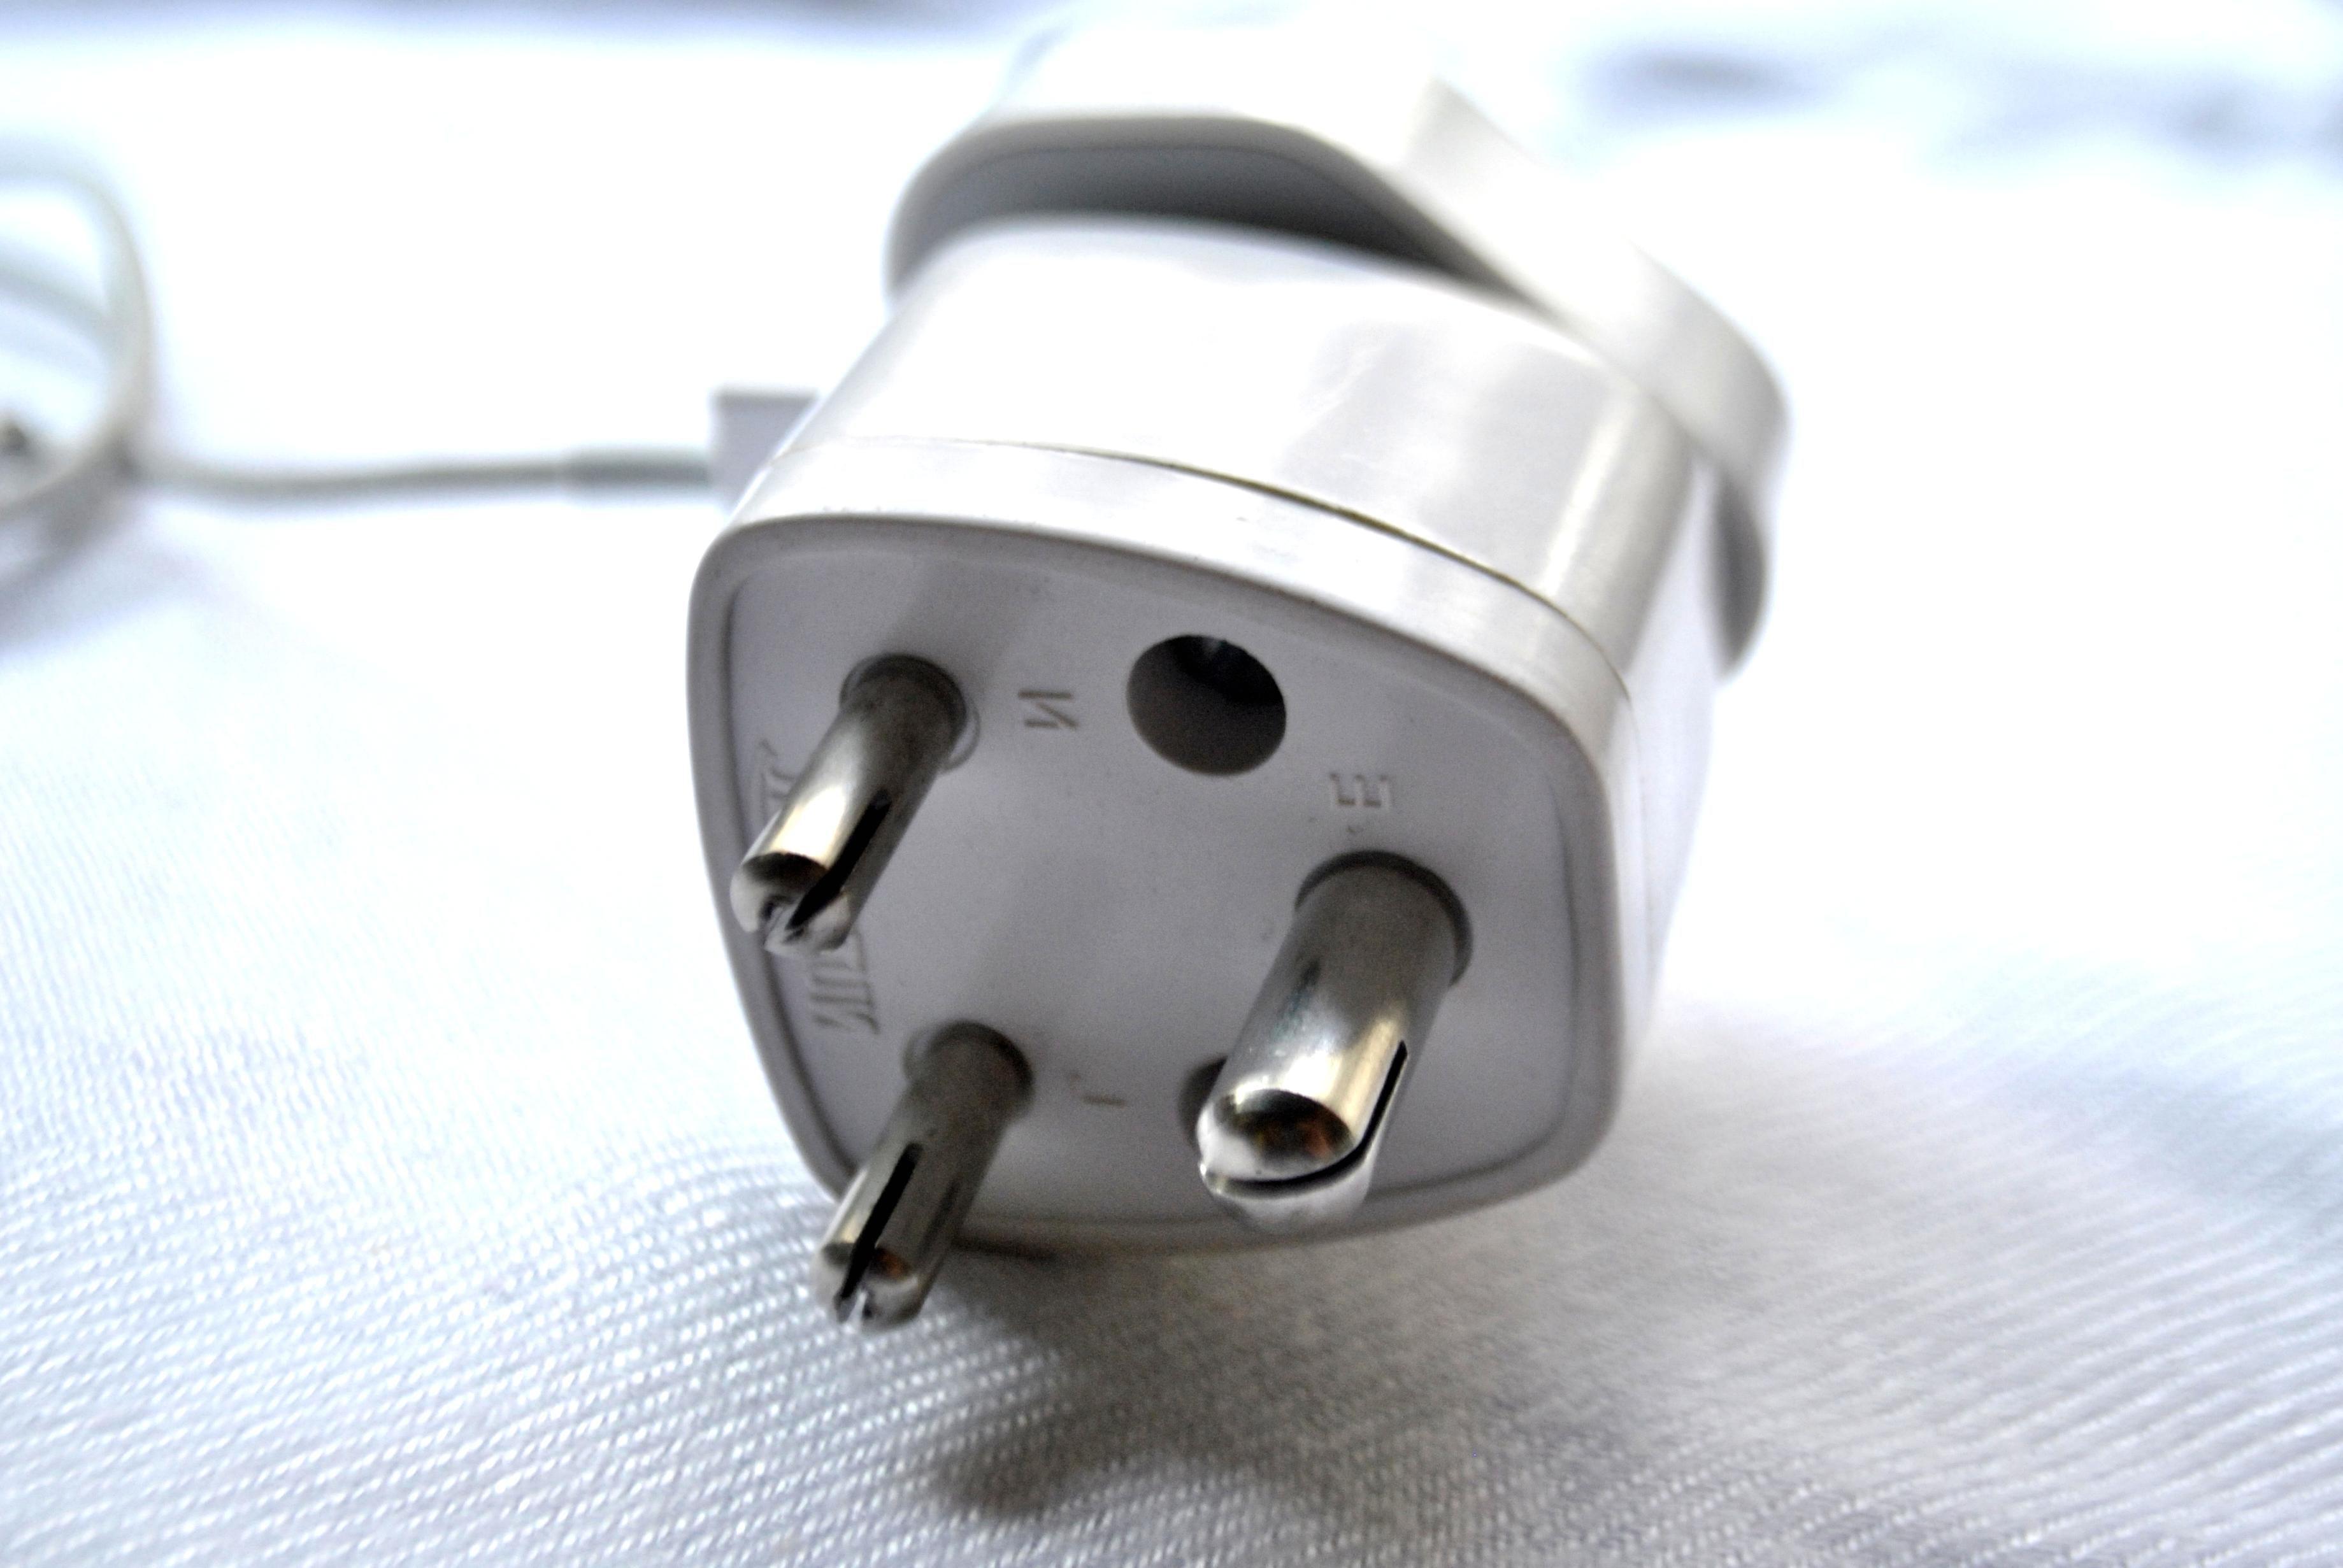 Kostenlose Bild: Elektrischer Stecker, Elektrizität, Draht